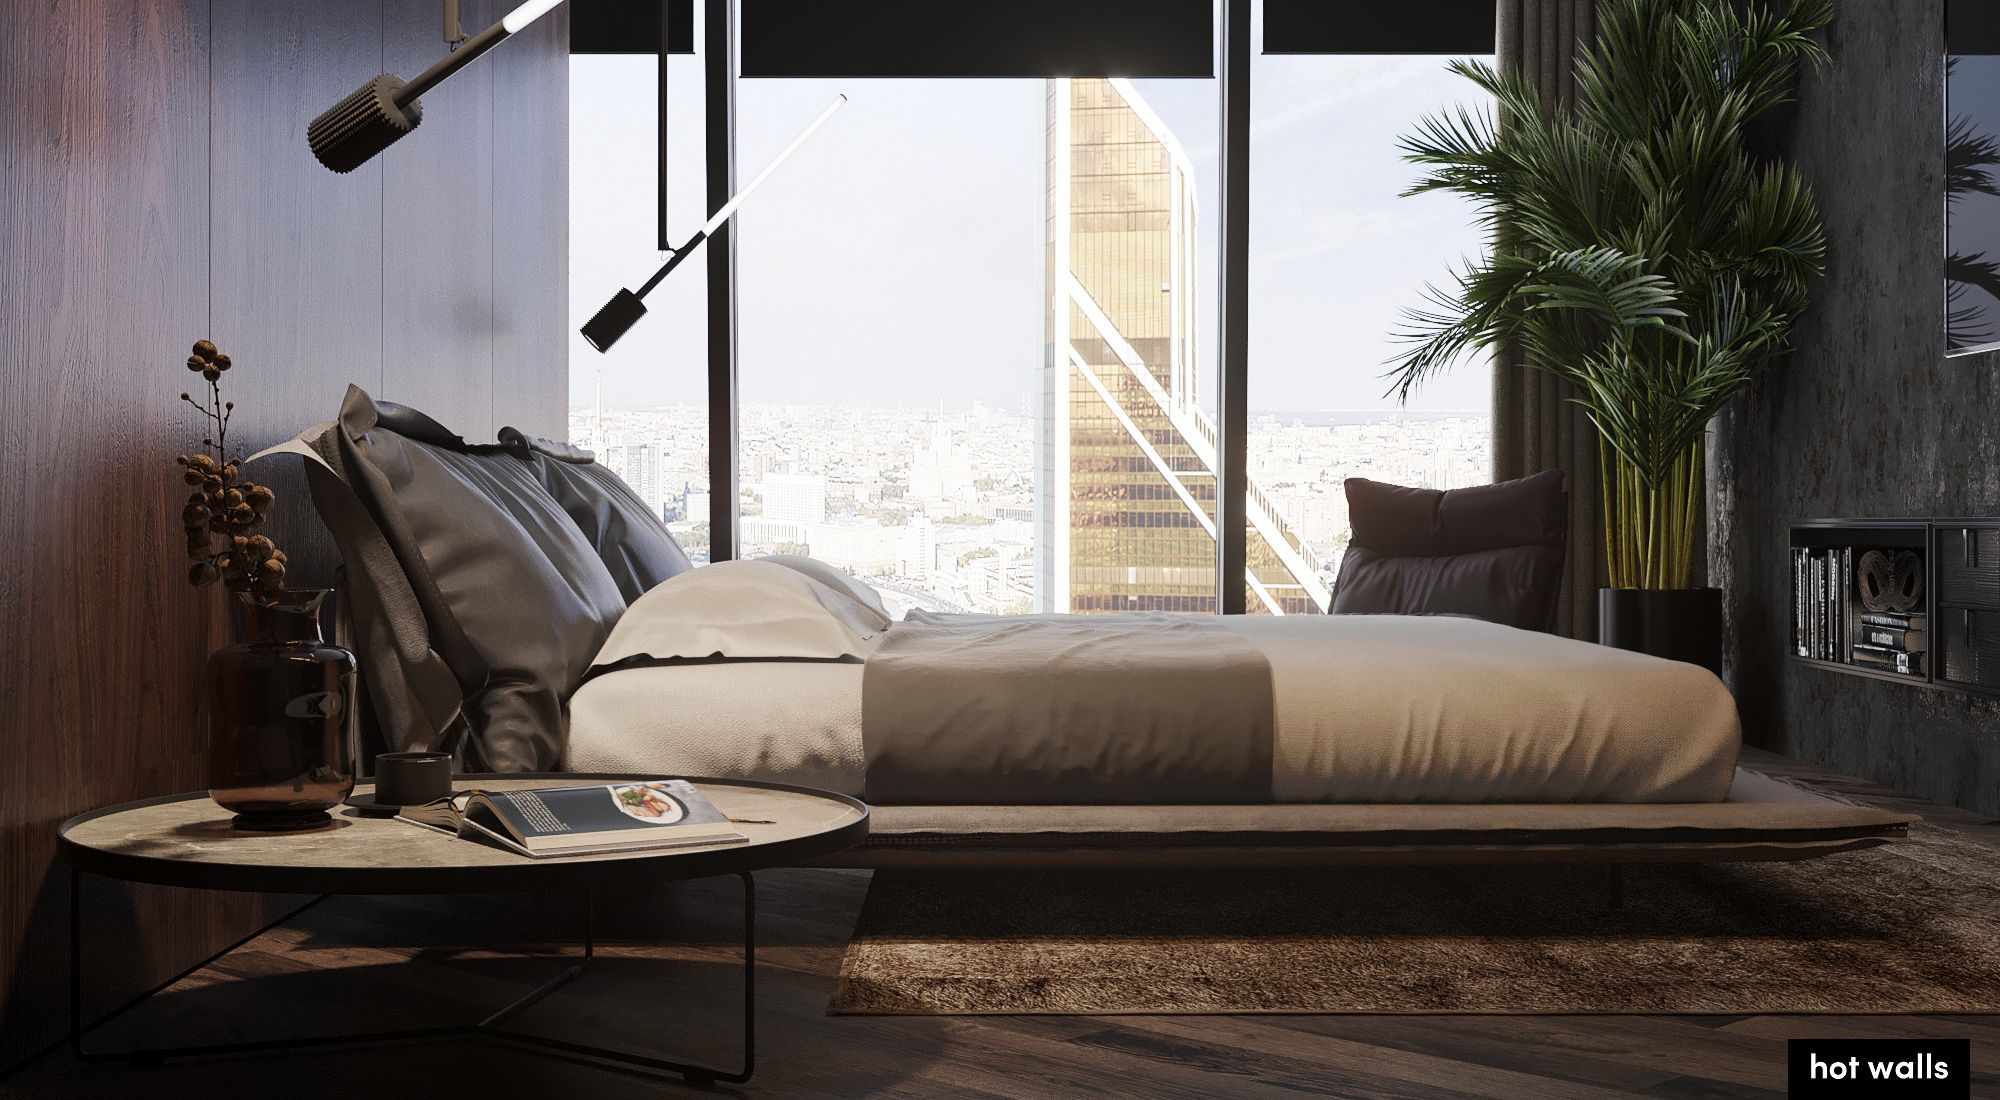 Bedroom_11.01.18_3